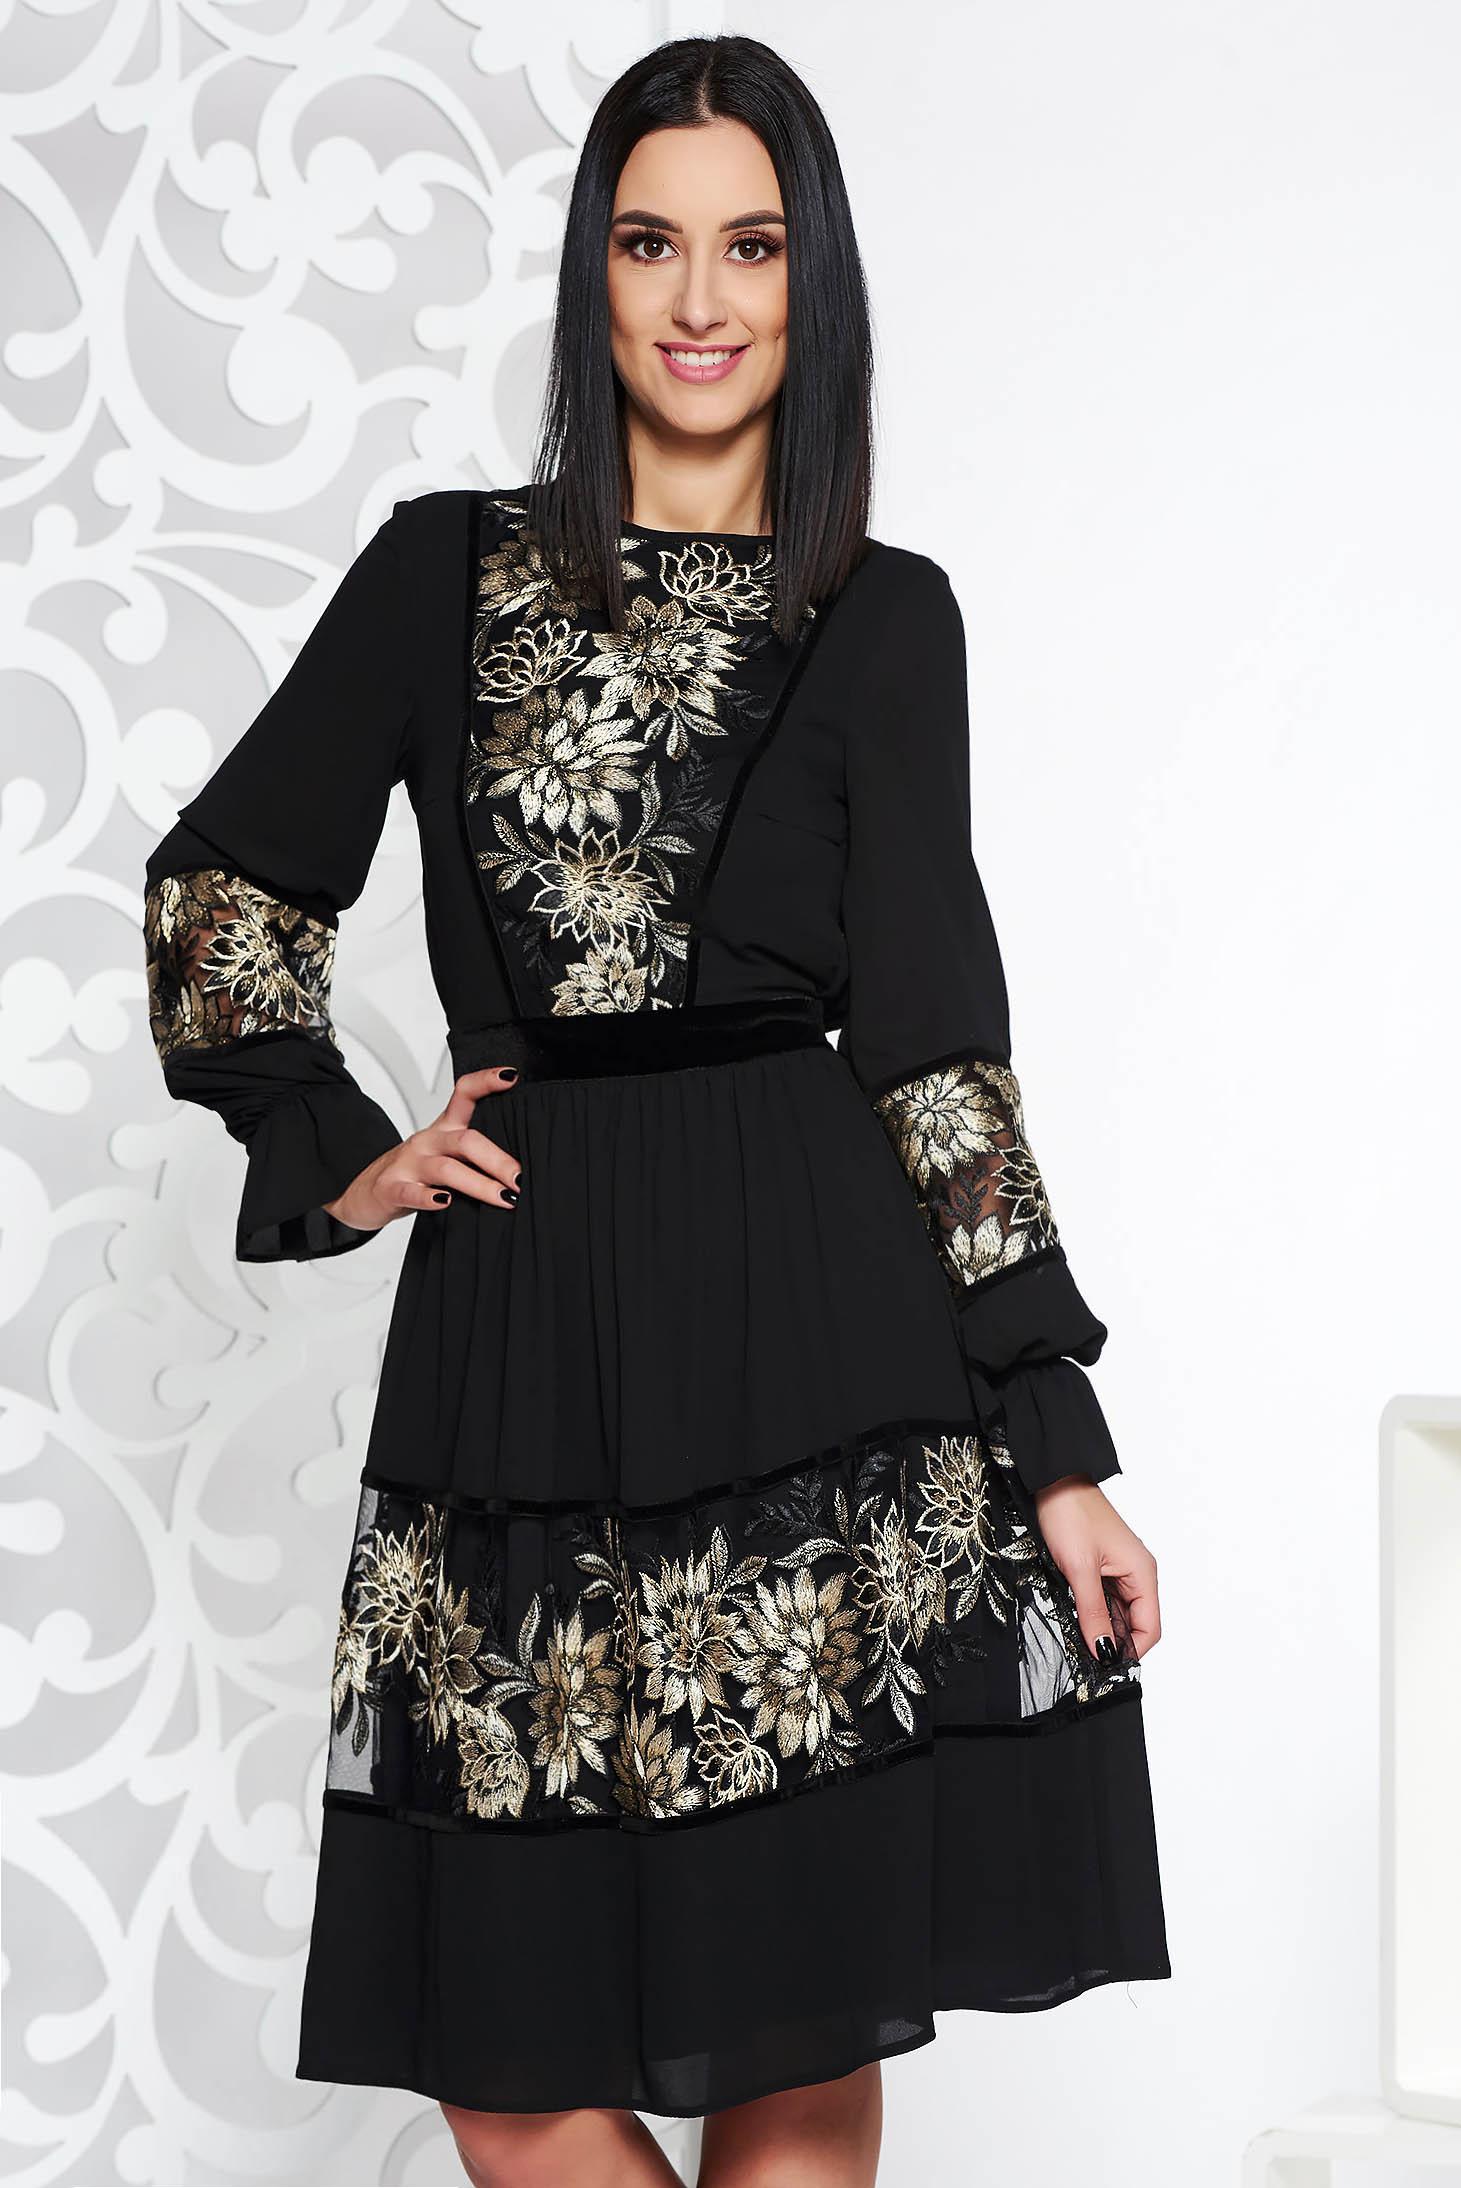 Fekete LaDonna elegáns harang ruha fátyol anyag belső béléssel csipke díszítéssel